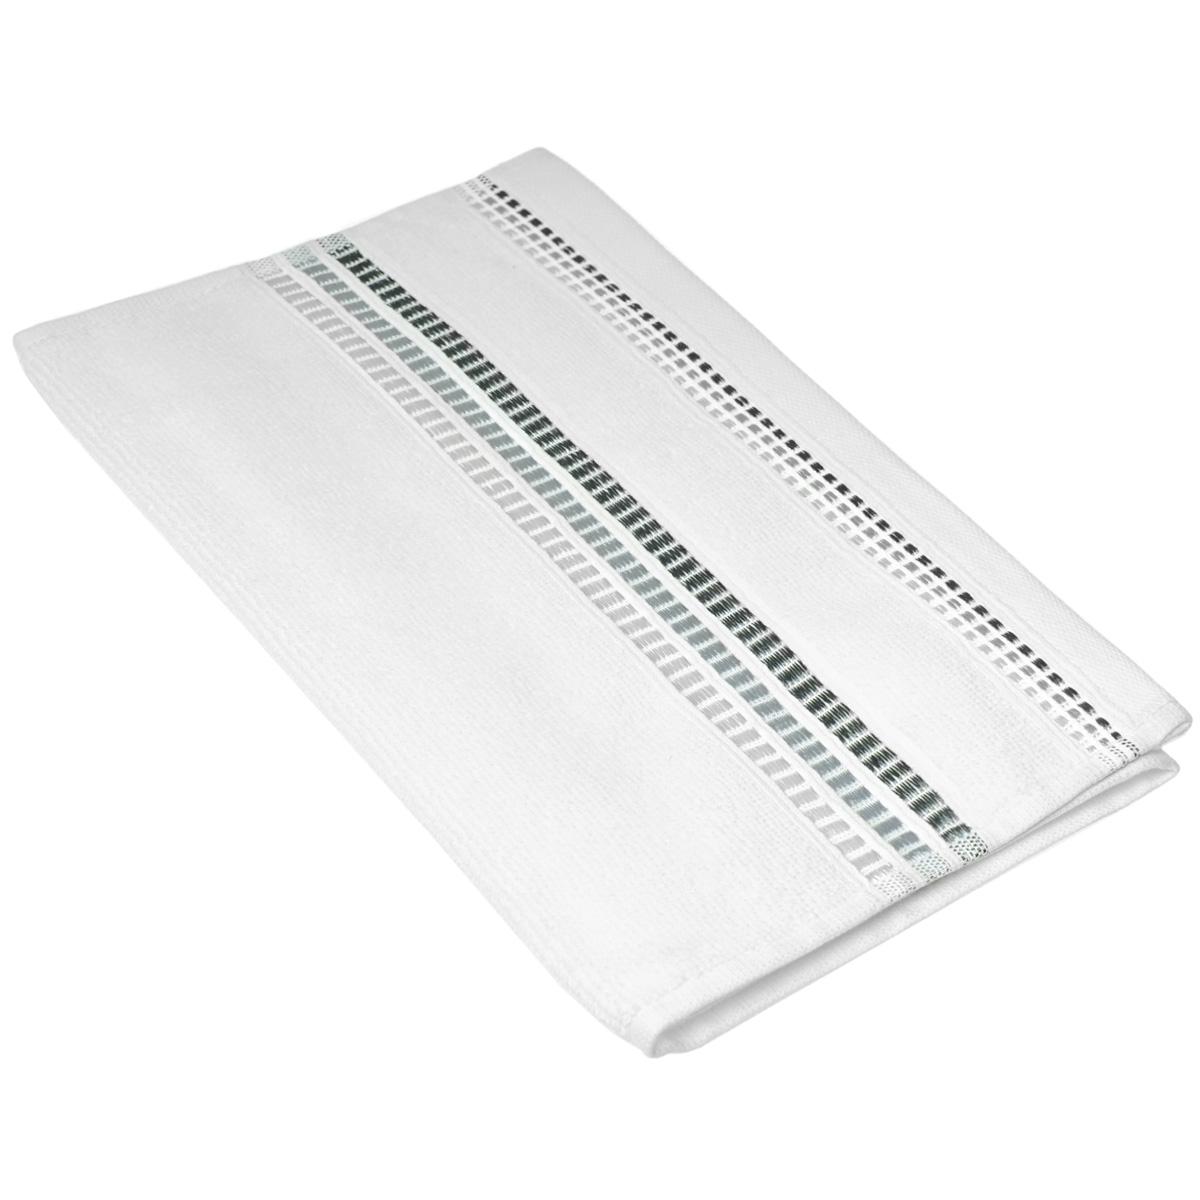 Полотенце махровое Coronet Пиано, цвет: белый, 30 см х 50 см531-401Махровое полотенце Coronet Пиано, изготовленное из натурального хлопка, подарит массу положительных эмоций и приятных ощущений. Полотенце отличается нежностью и мягкостью материала, утонченным дизайном и превосходным качеством. Оно прекрасно впитывает влагу, быстро сохнет и не теряет своих свойств после многократных стирок. Махровое полотенце Coronet Пиано станет достойным выбором для вас и приятным подарком для ваших близких. Мягкость и высокое качество материала, из которого изготовлены полотенца не оставит вас равнодушными.